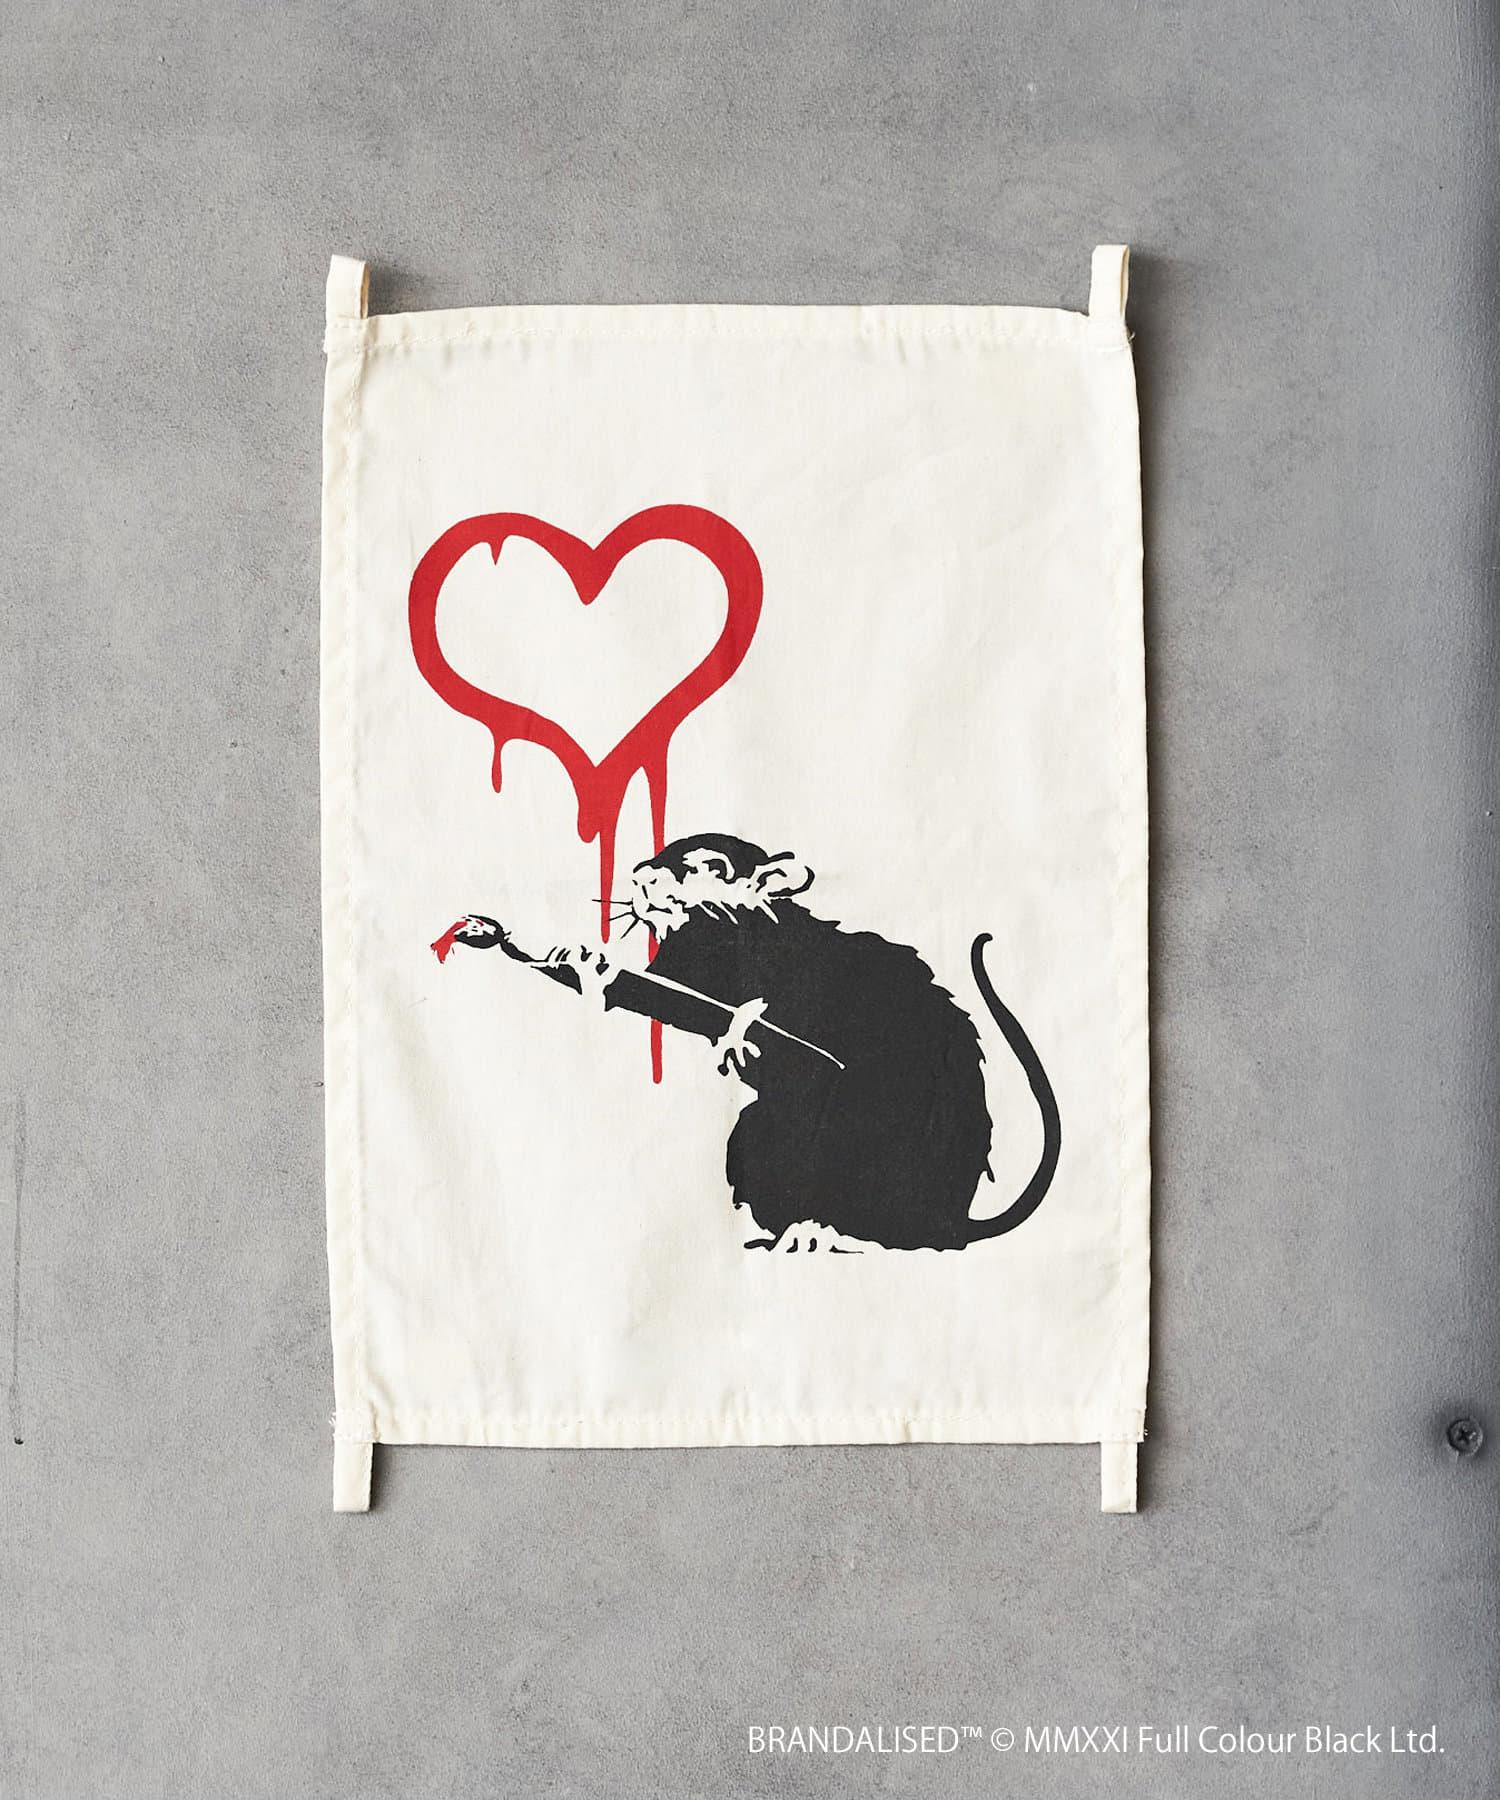 ASOKO(アソコ) ライフスタイル Banksy's Graffiti ファブリックポスター(S) その他